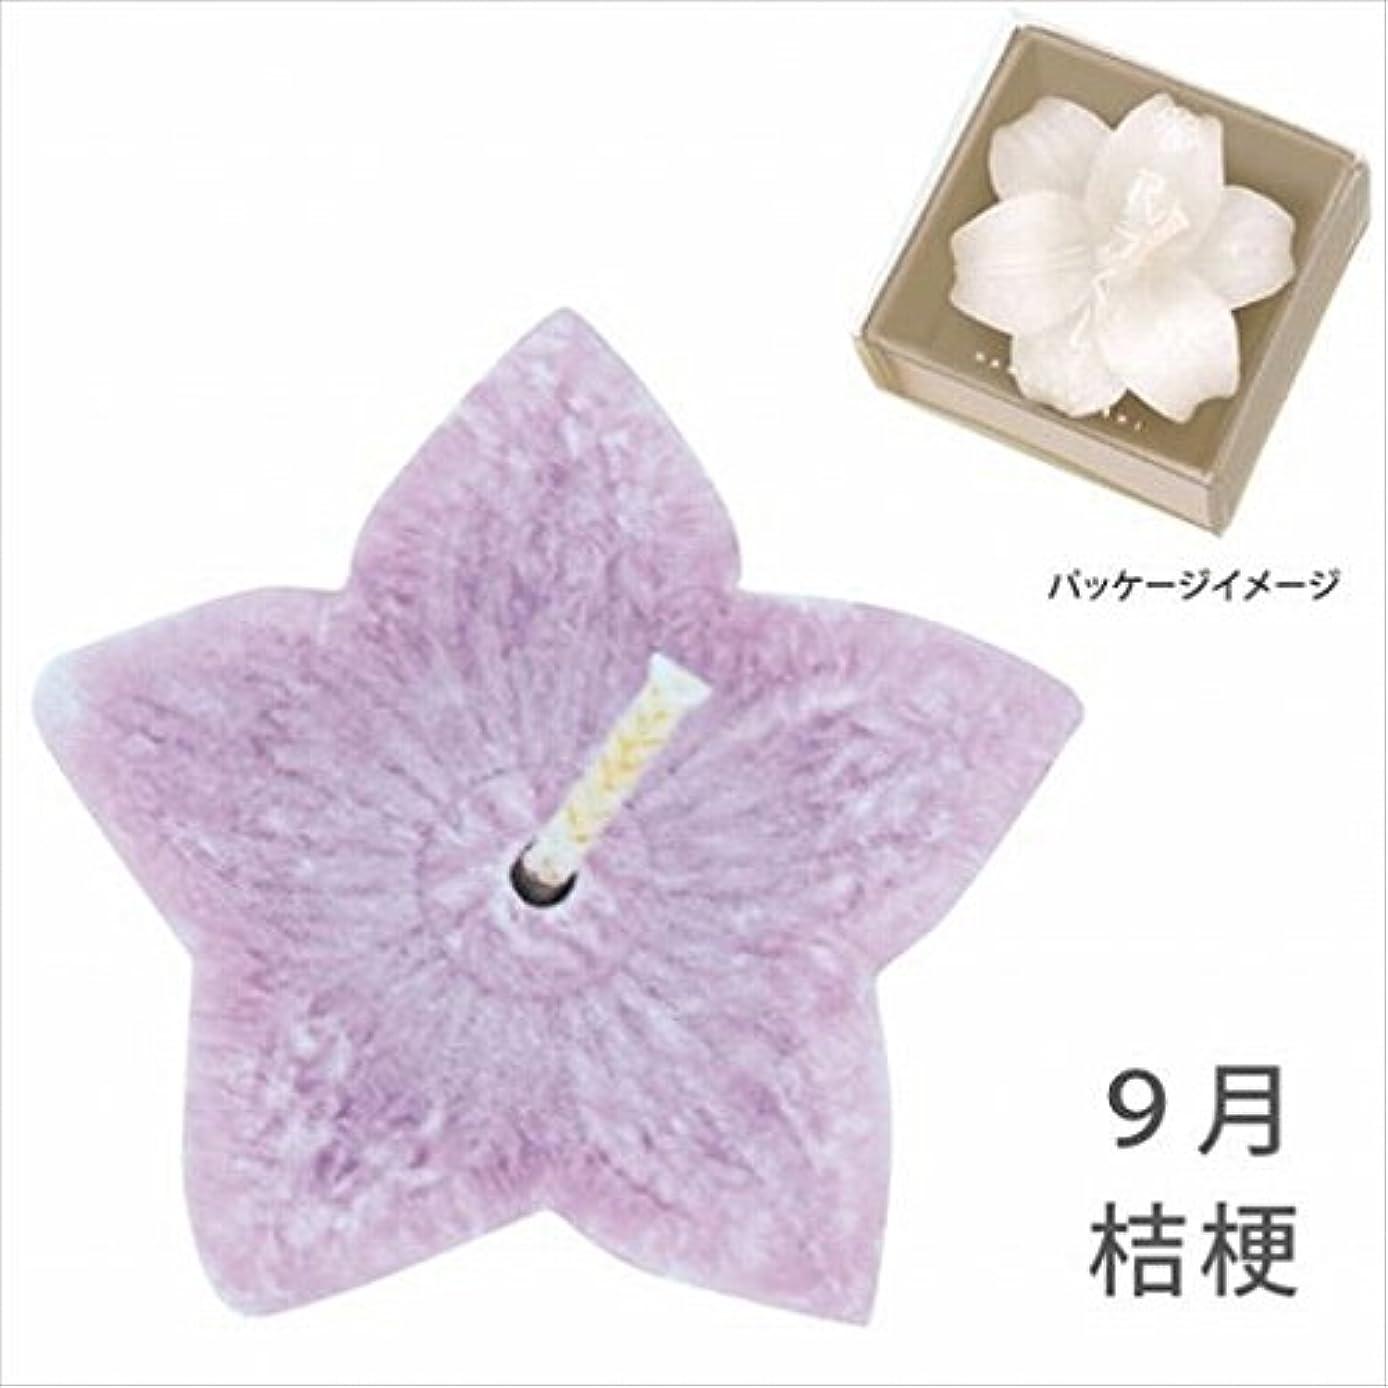 季節風変わりなチェスをするカメヤマキャンドル( kameyama candle ) 花づくし(植物性) 桔梗 「 桔梗(9月) 」 キャンドル